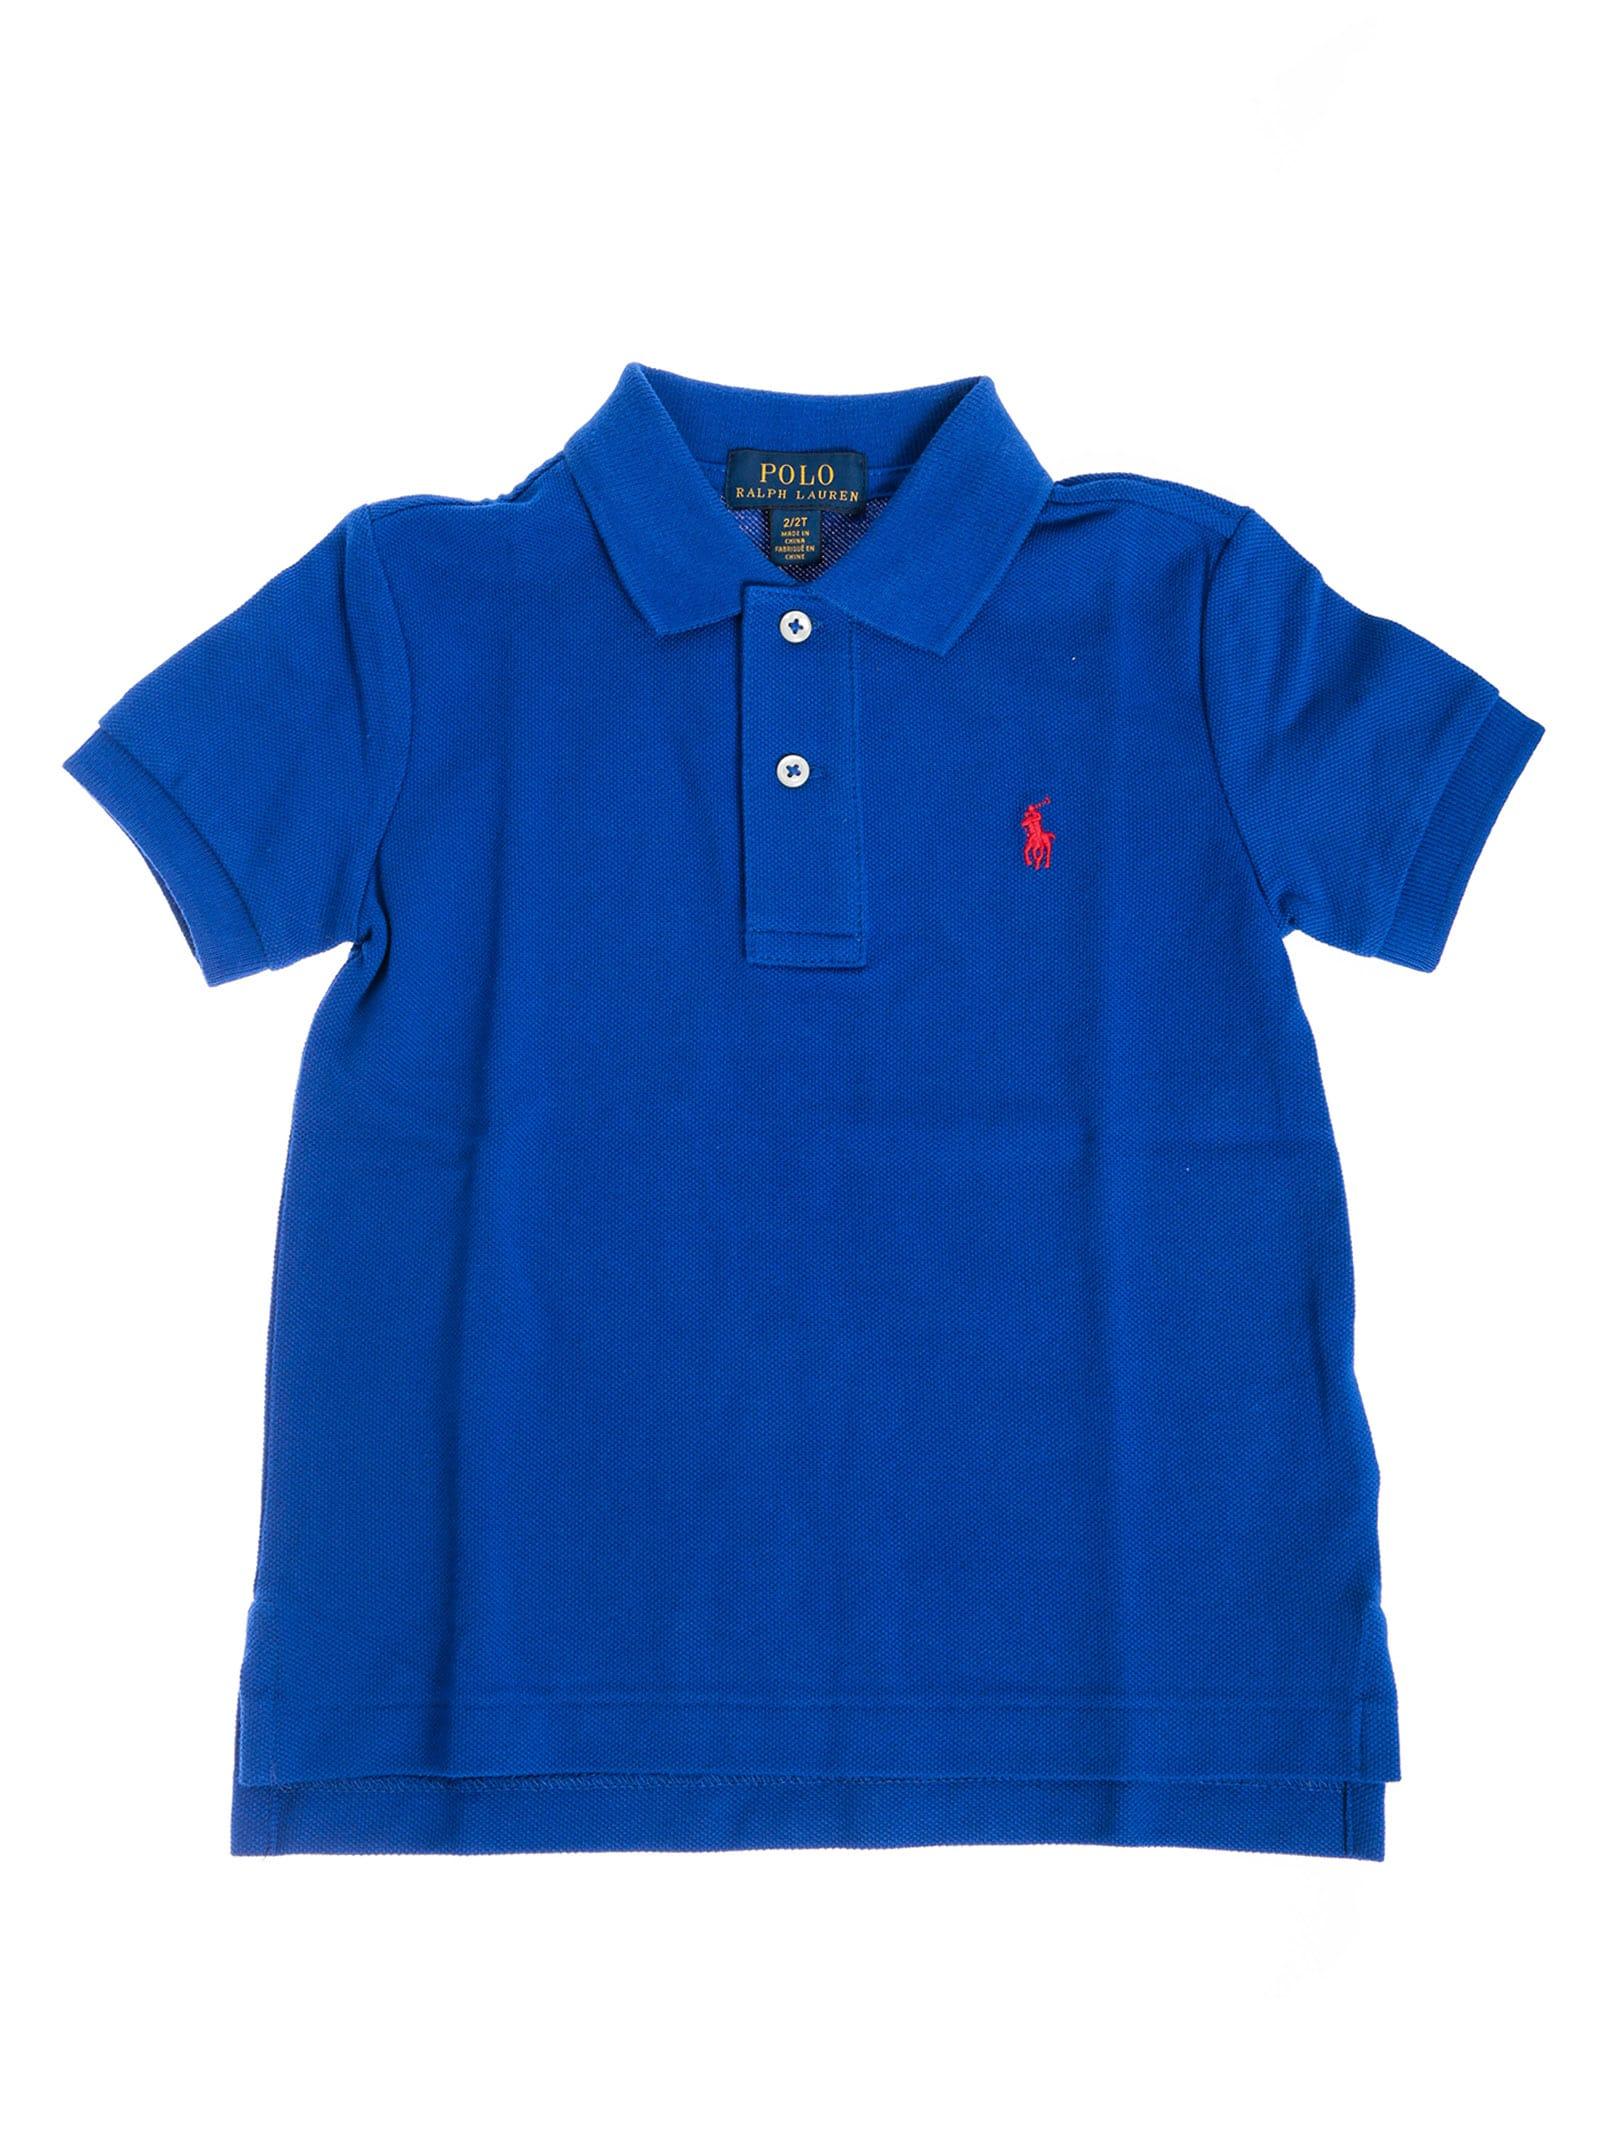 Lauren Embroidered Shirt Ralph Polo Ralph Lauren Embroidered Polo Shirt qSzMVpUG